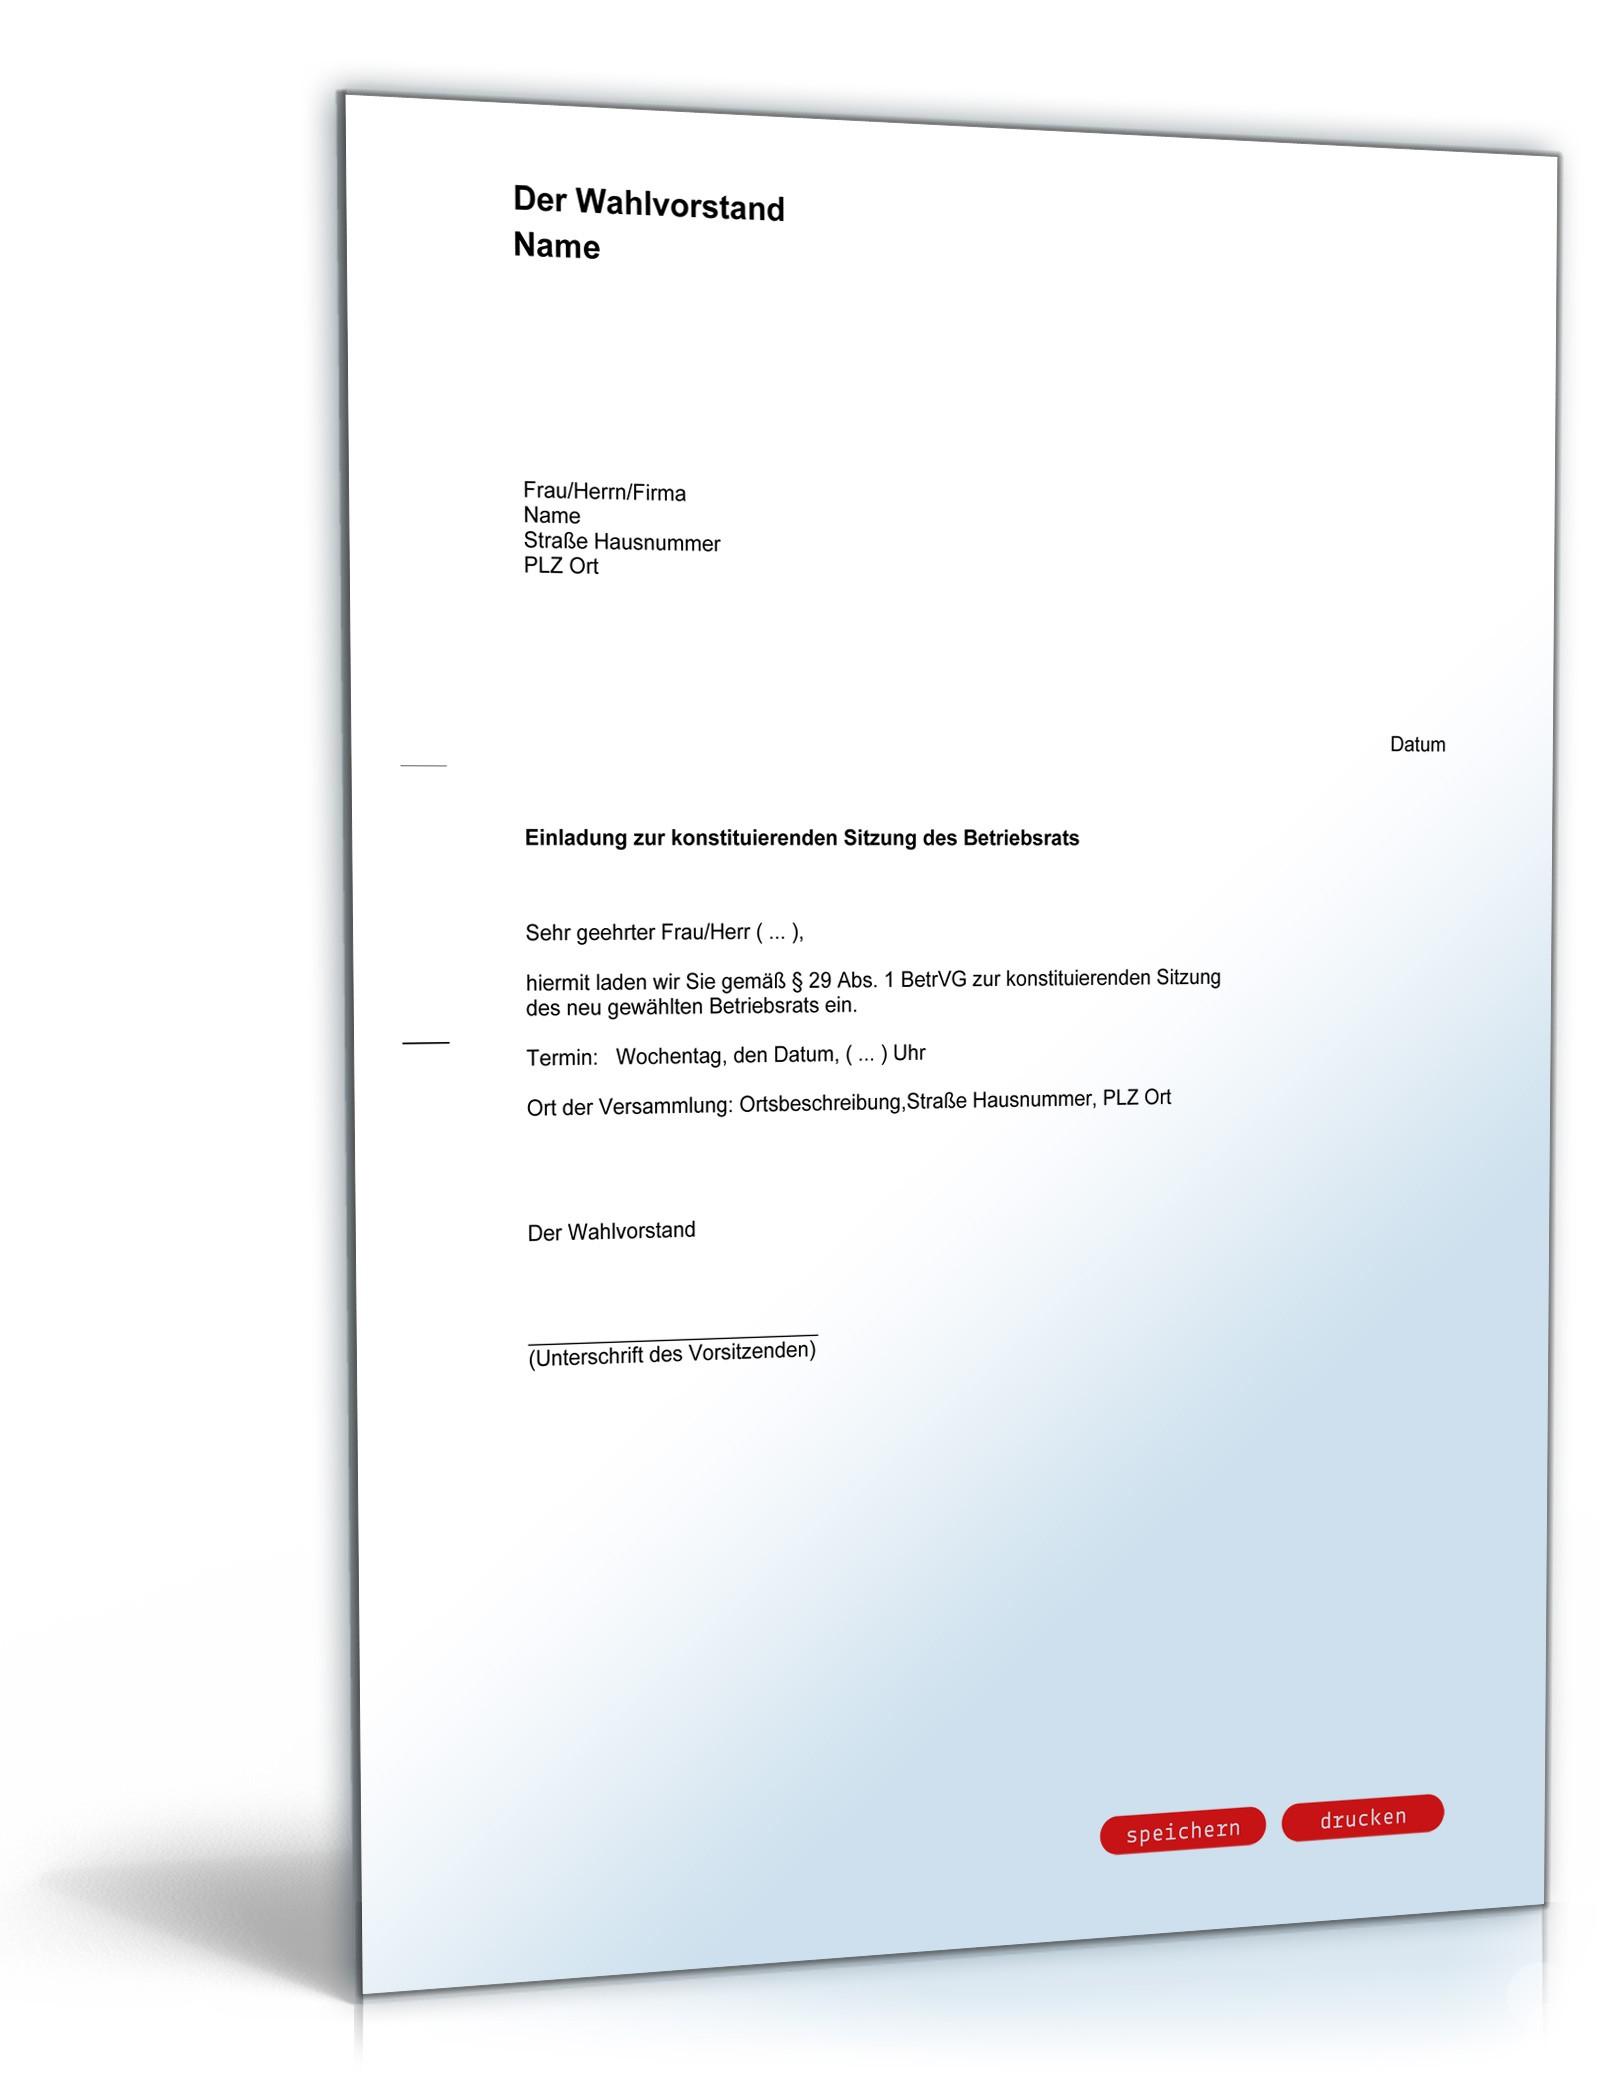 einladung konstituierende sitzung betriebsrat, Einladung